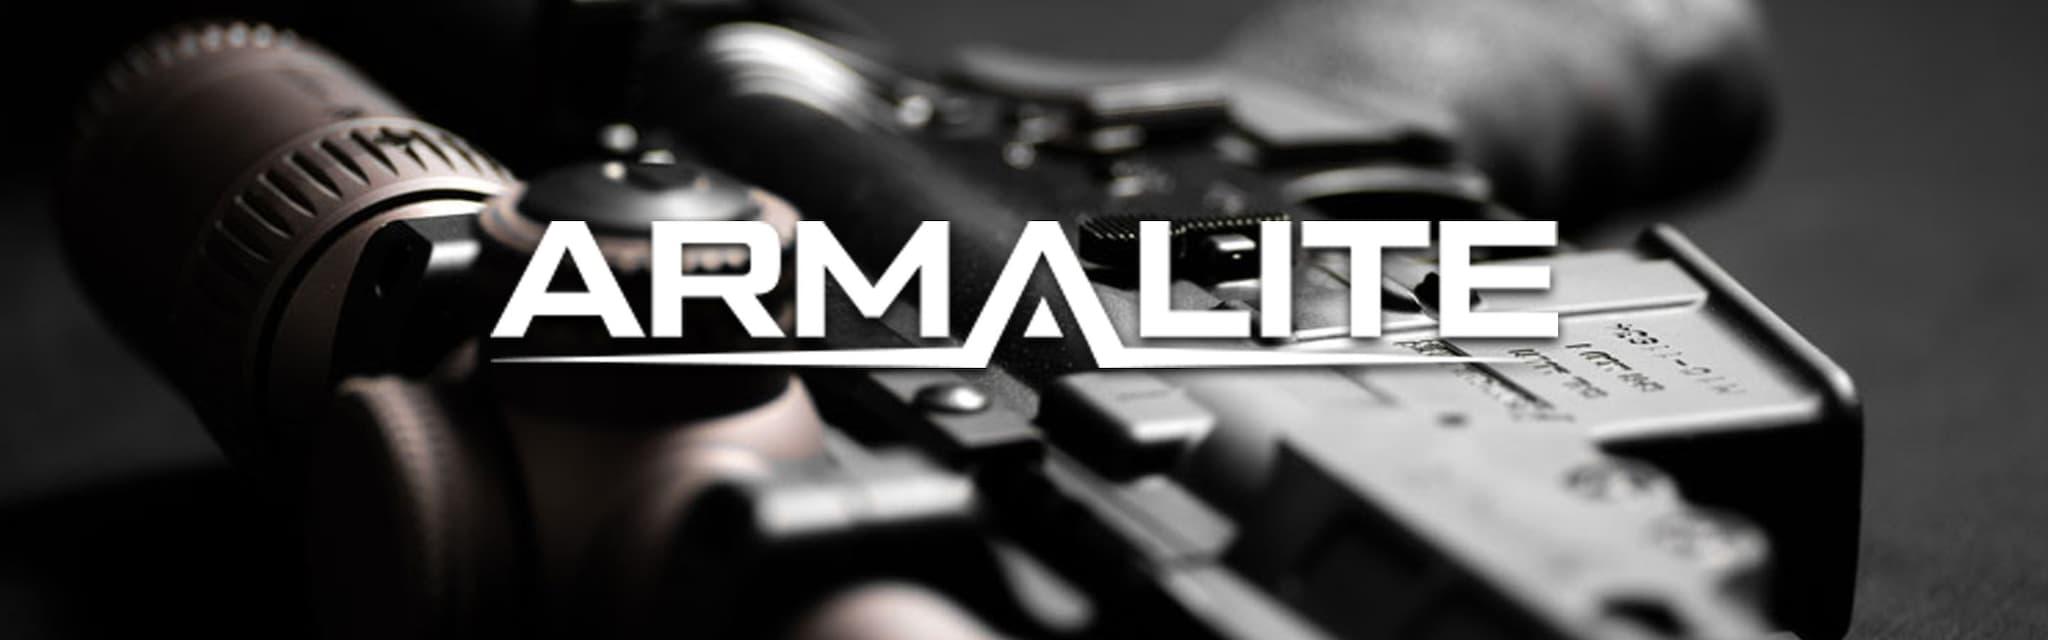 Armalite brand image